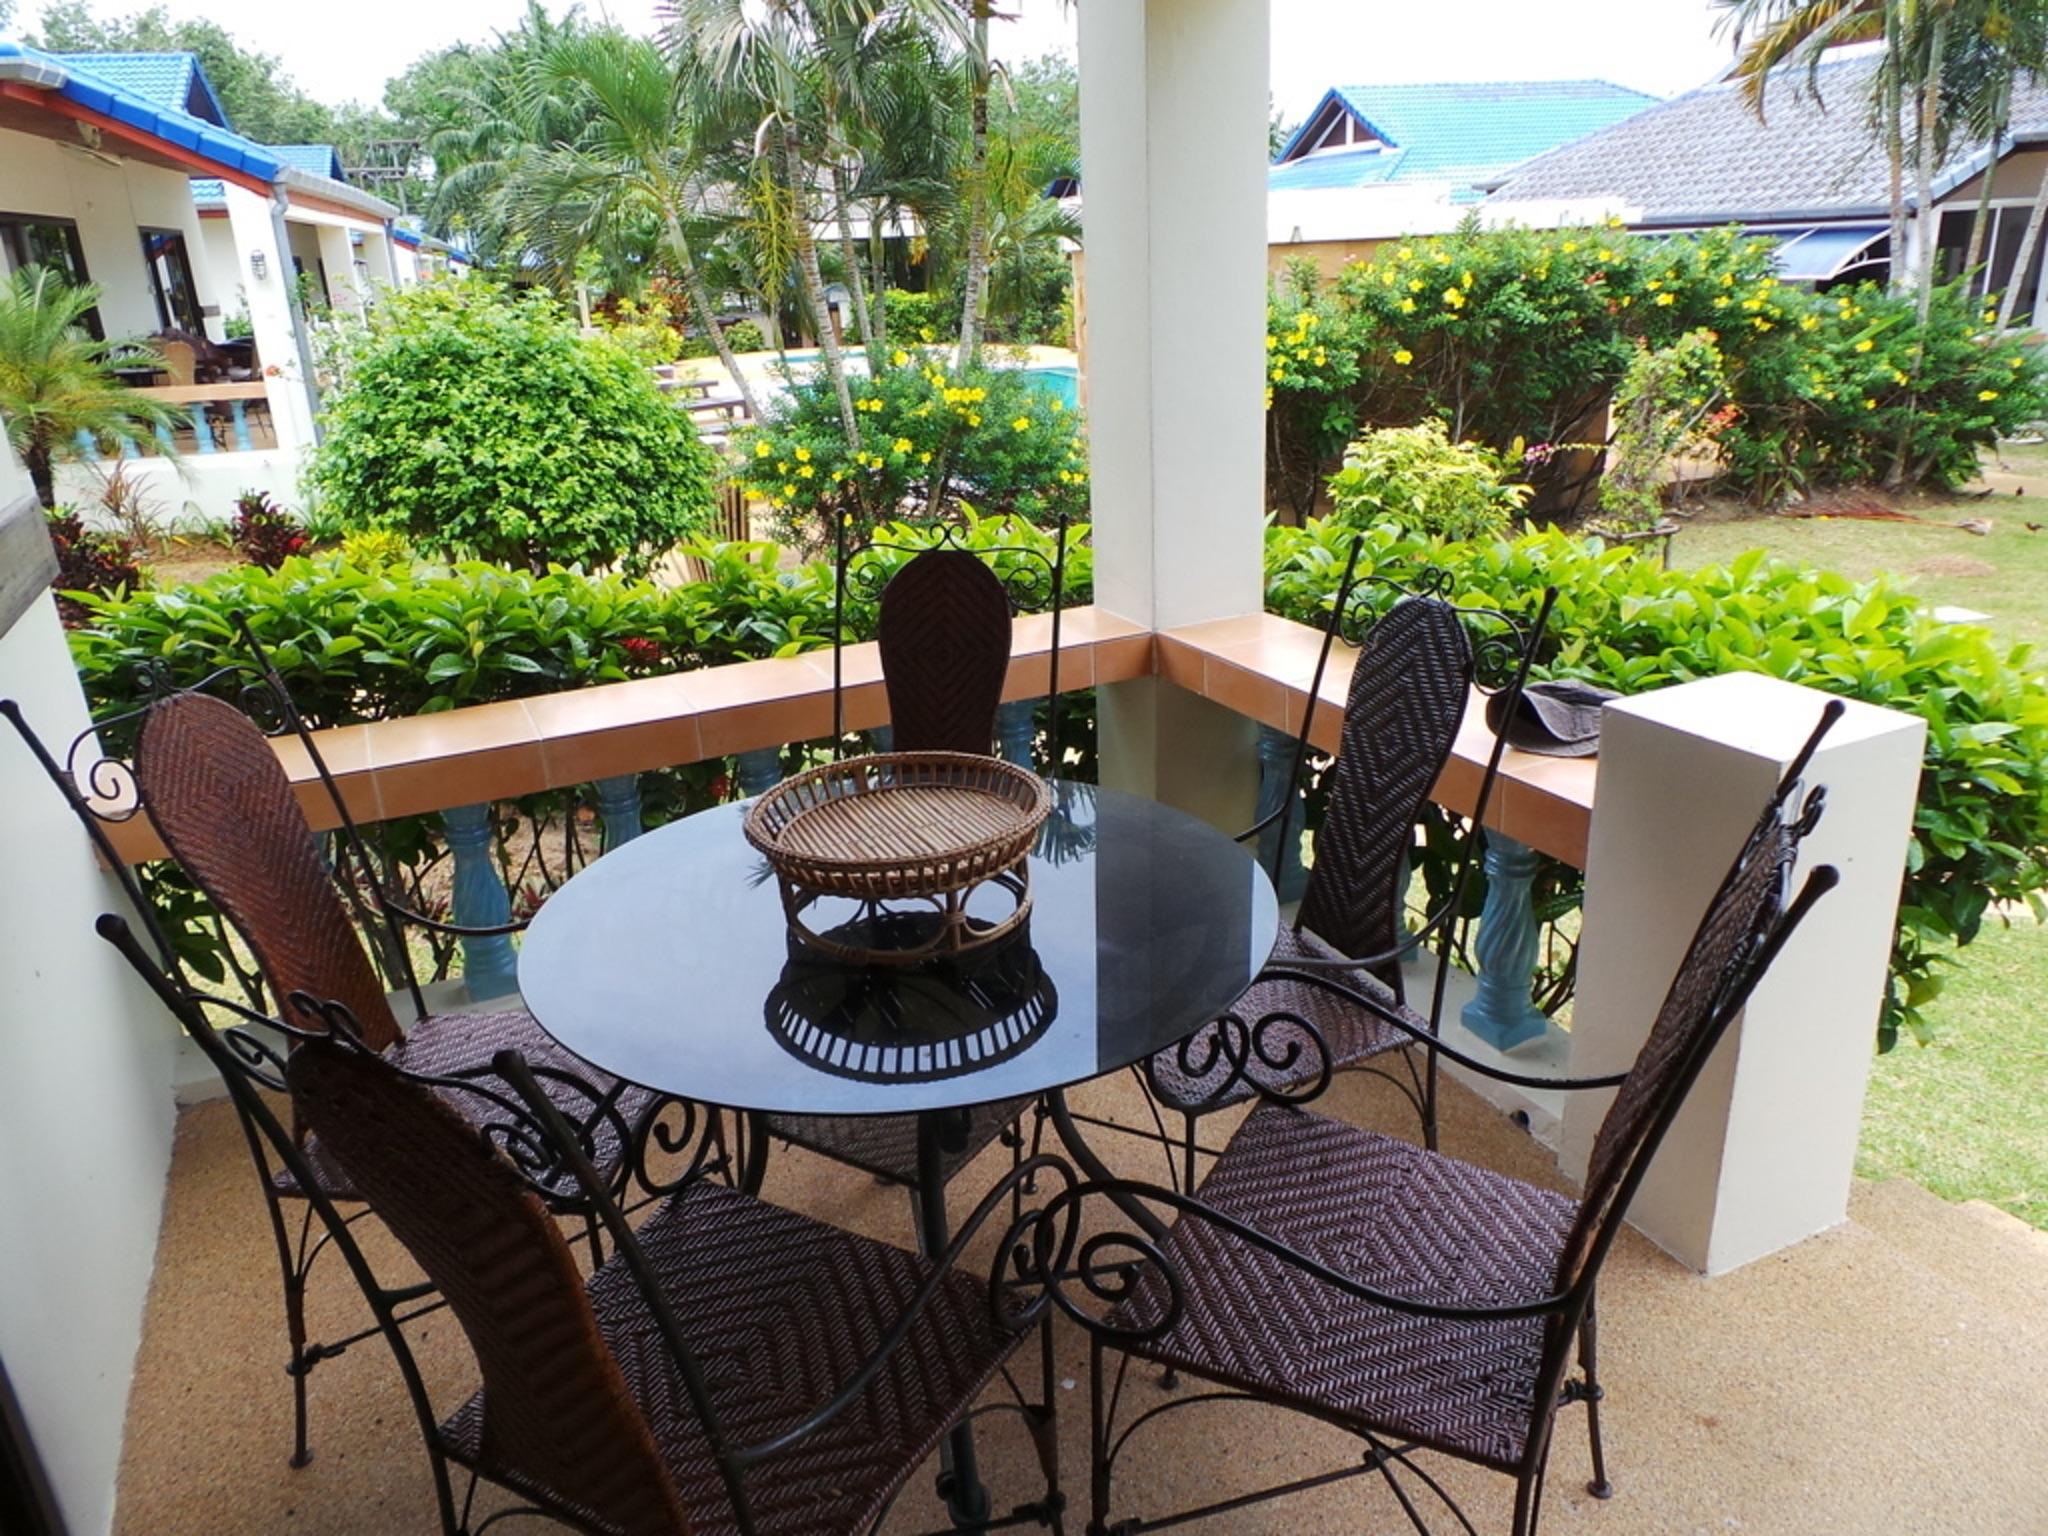 Haus mit 3 Schlafzimmern in Phuket mit Pool, einge Ferienhaus in Thailand